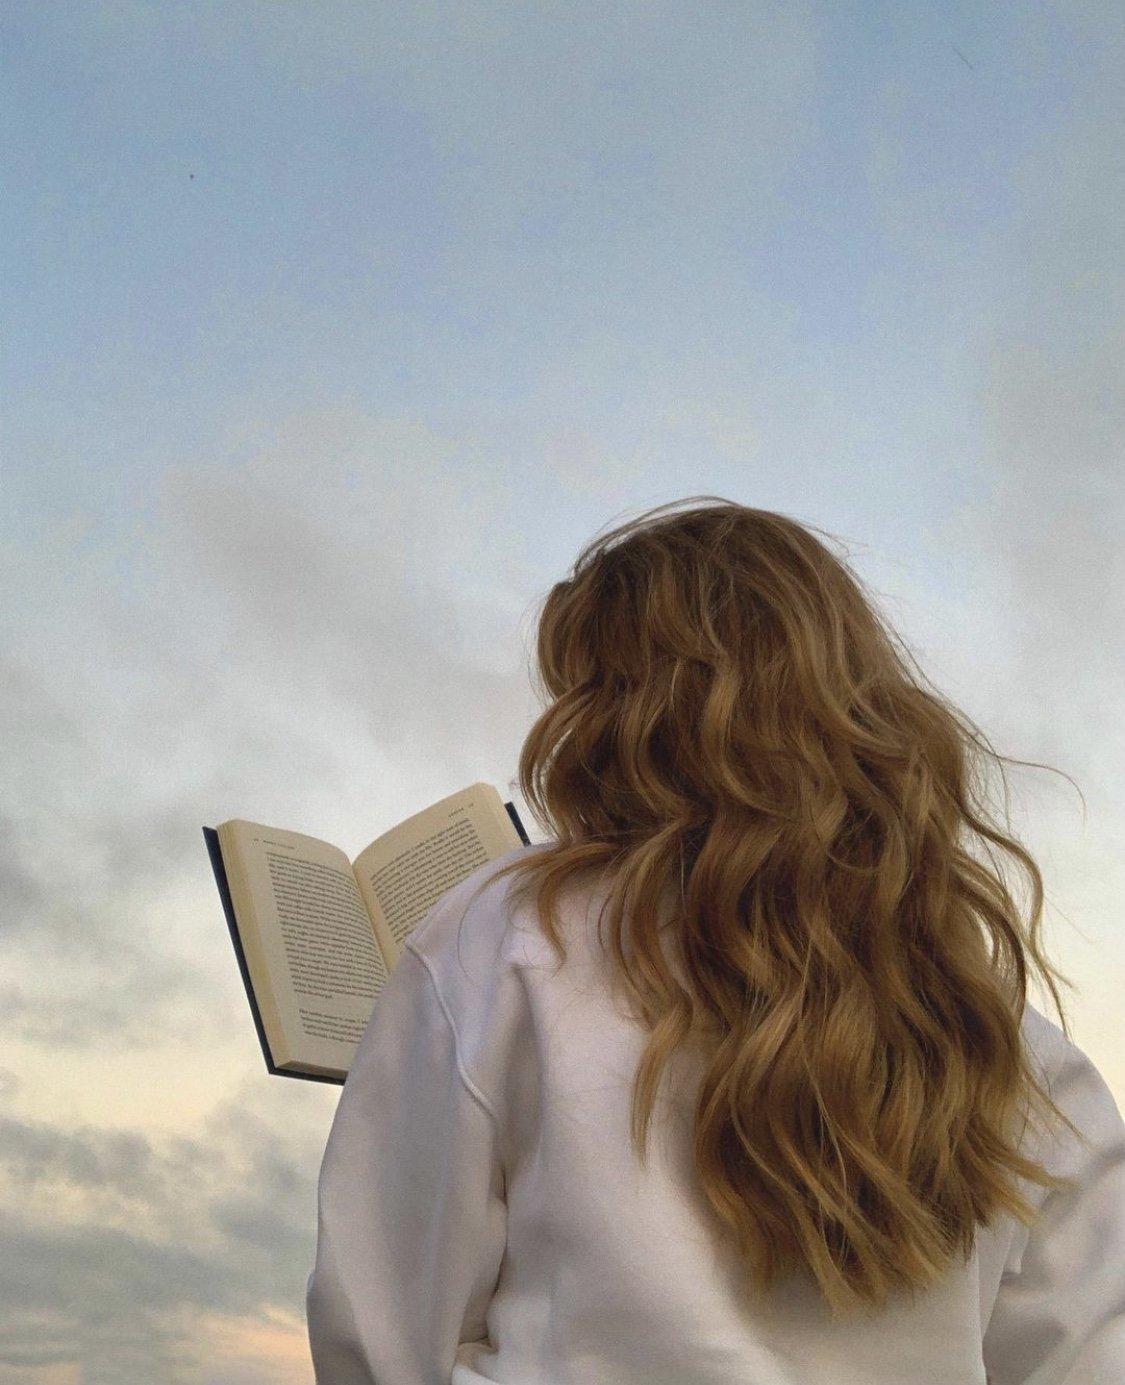 blonde girl reading outside